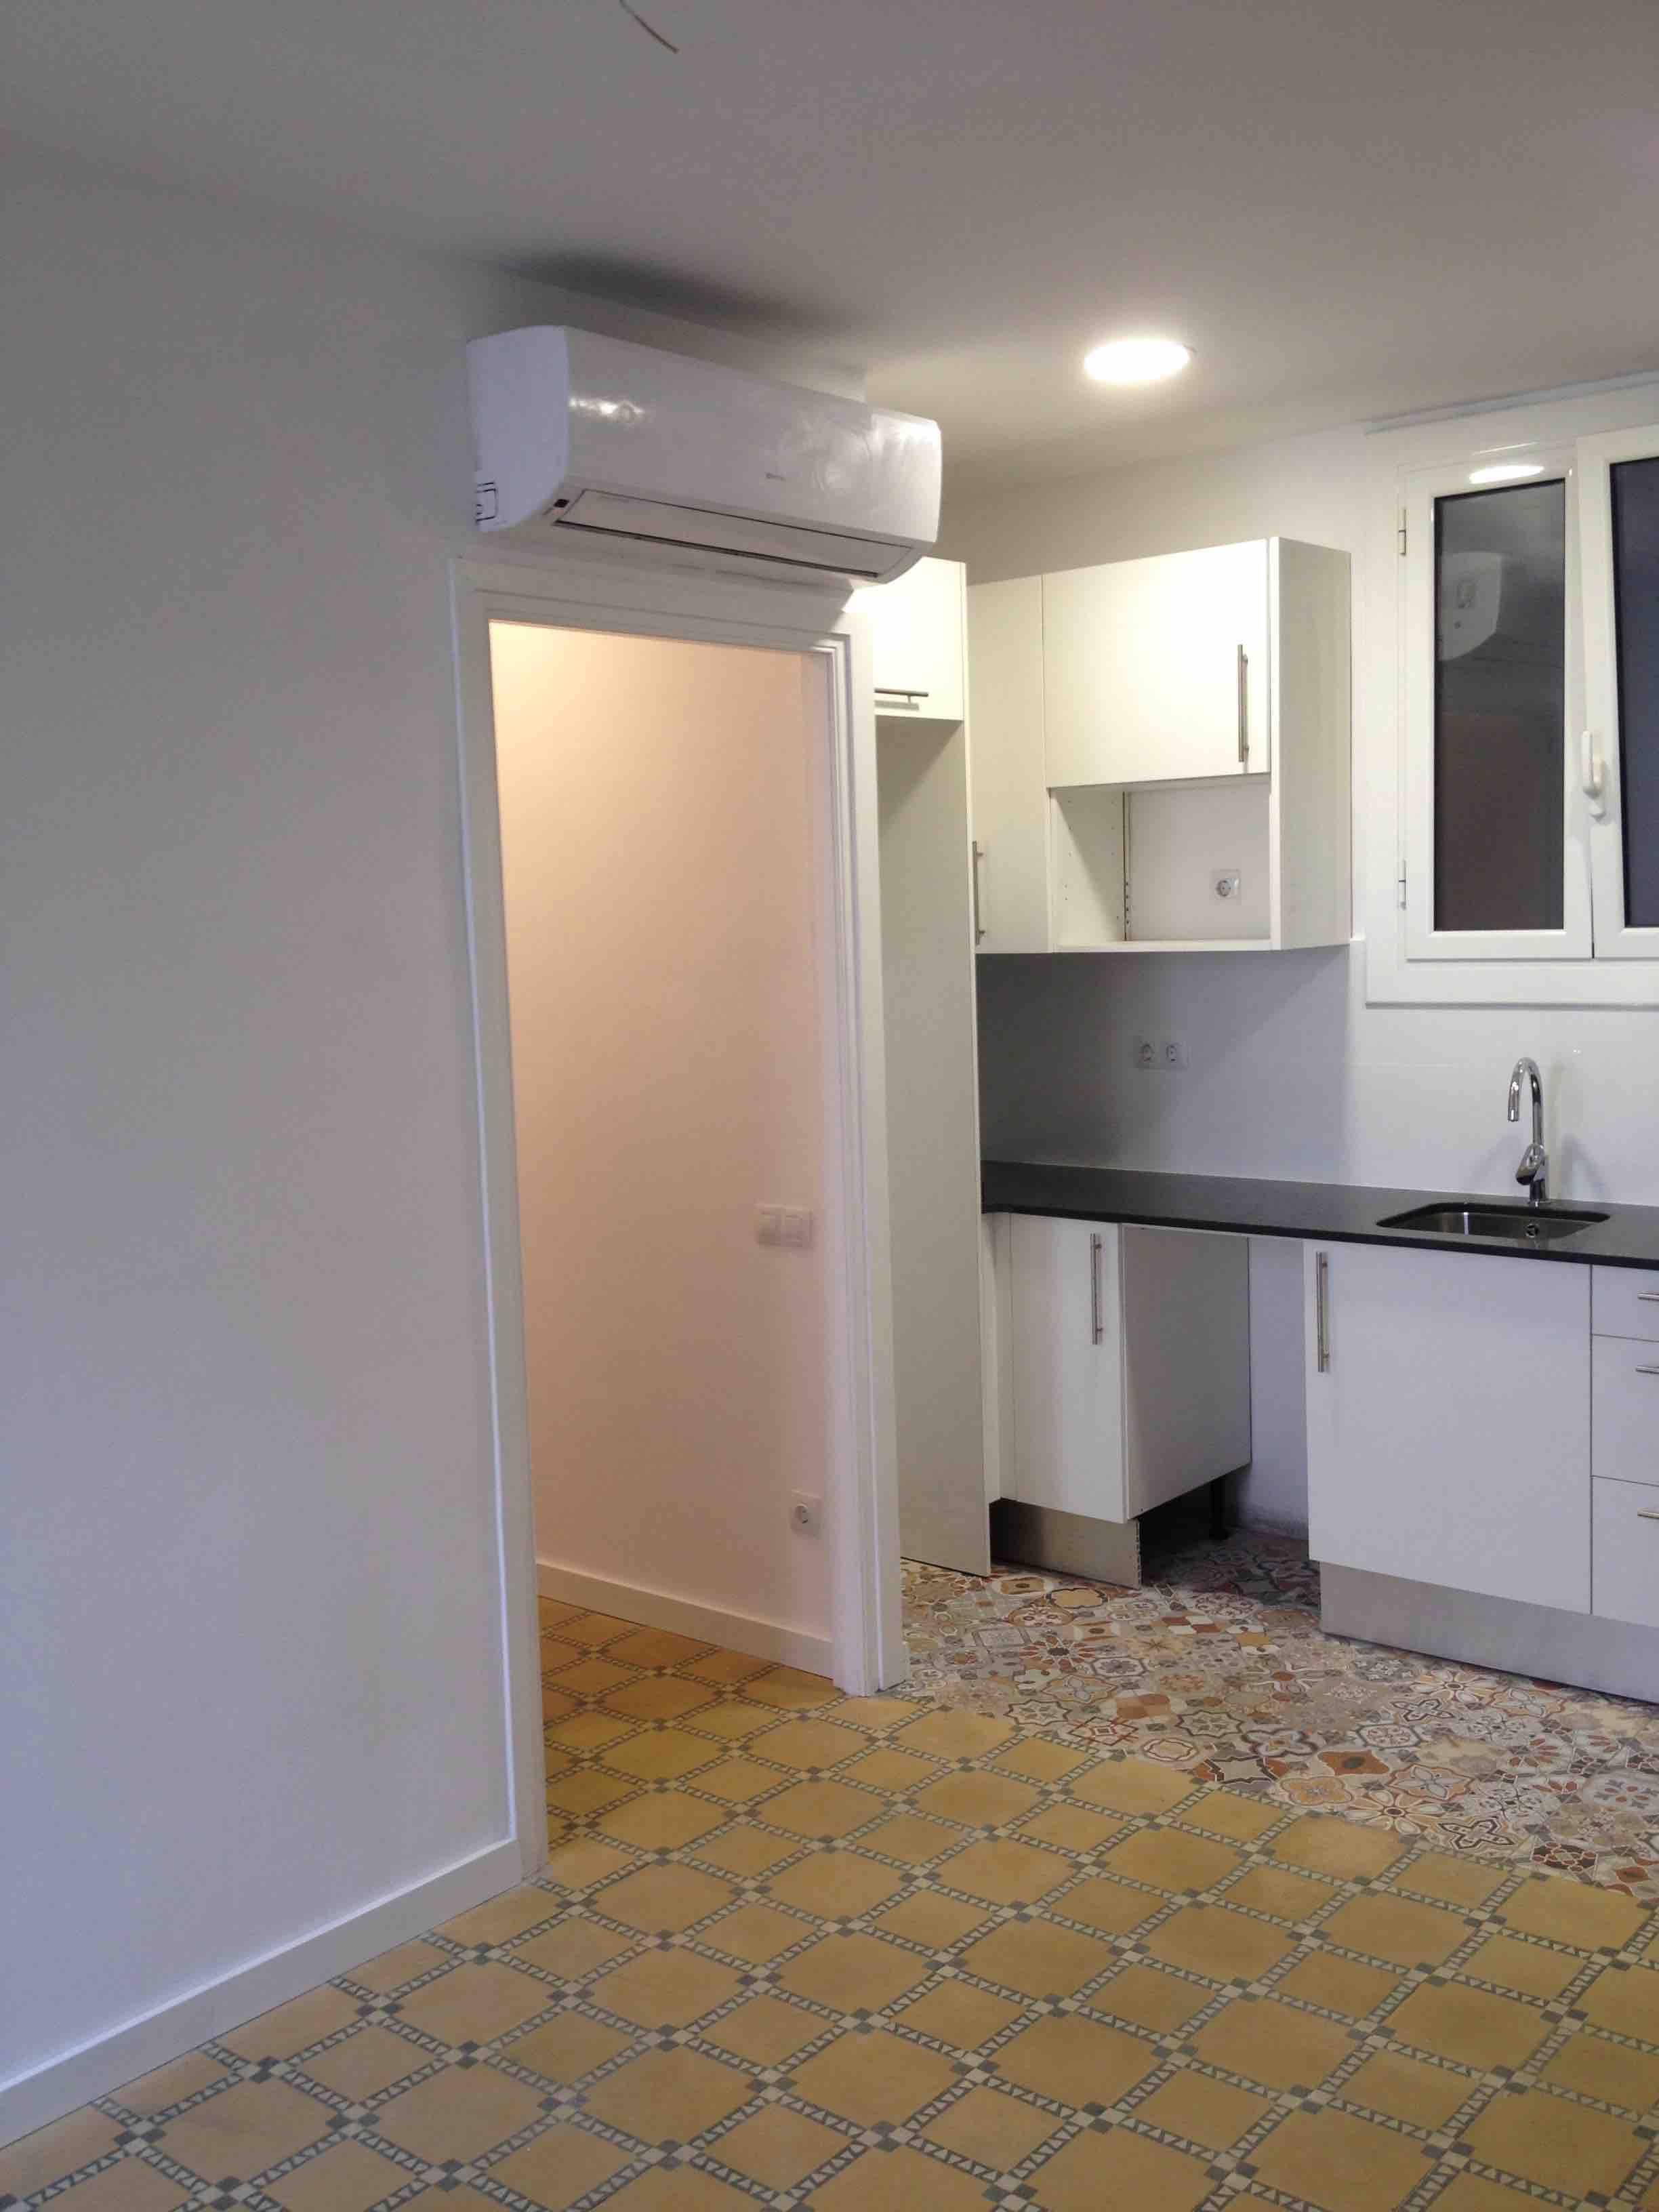 Cuanto cuesta pintar un piso finest cuanto cuesta pintar - Cuanto cuesta pintar un piso de 60 metros cuadrados ...